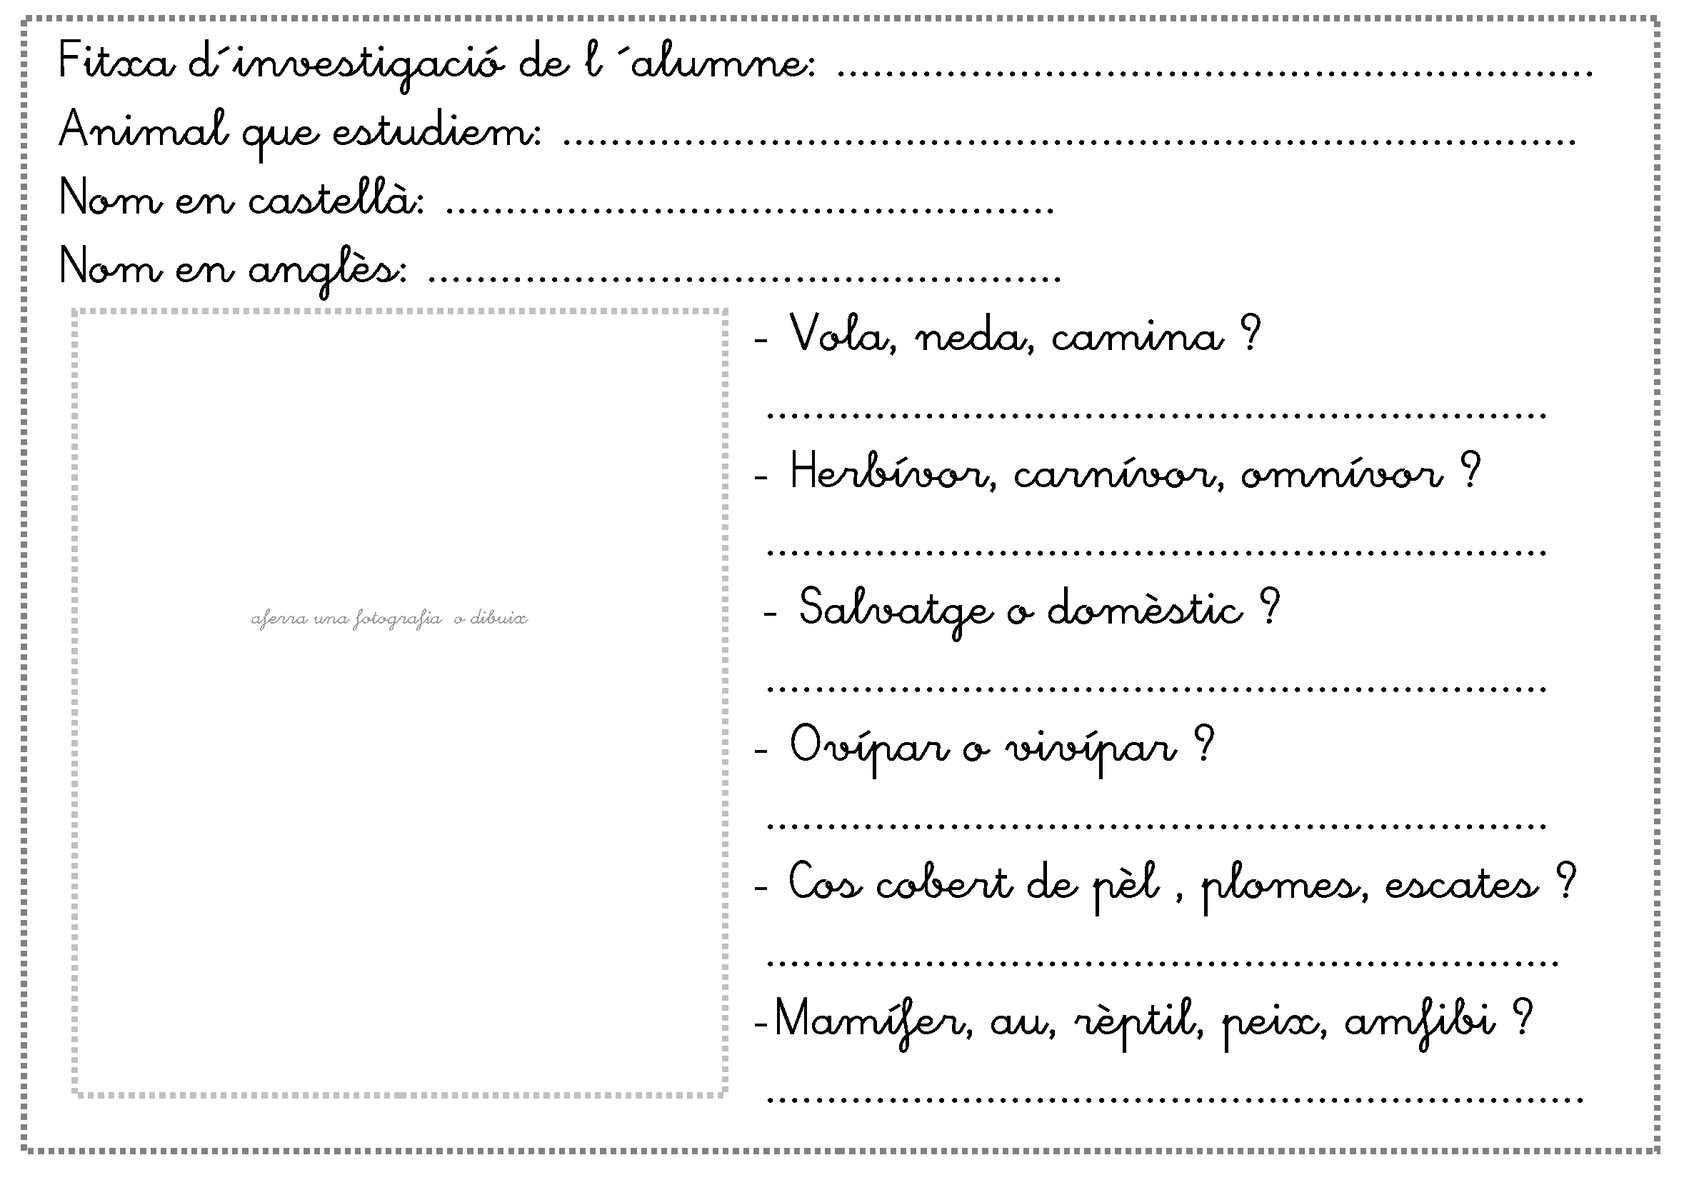 Fitxa investigació animals | Periódico escolar, Ciencia y Ciclo ...